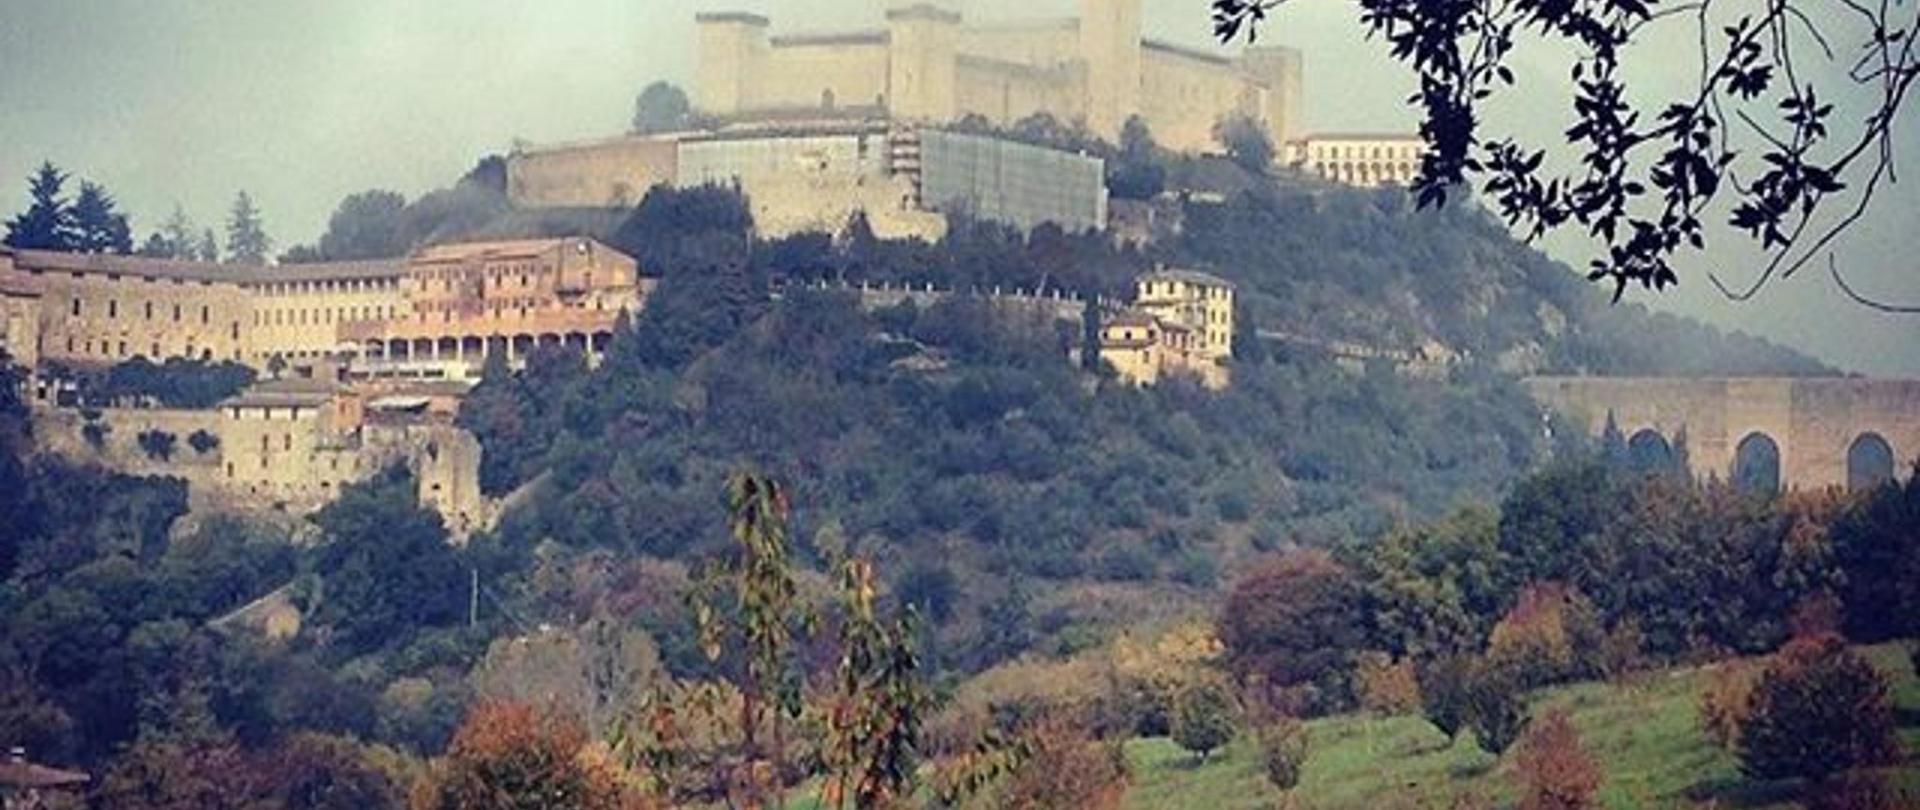 spoleto_hotelarca.jpg